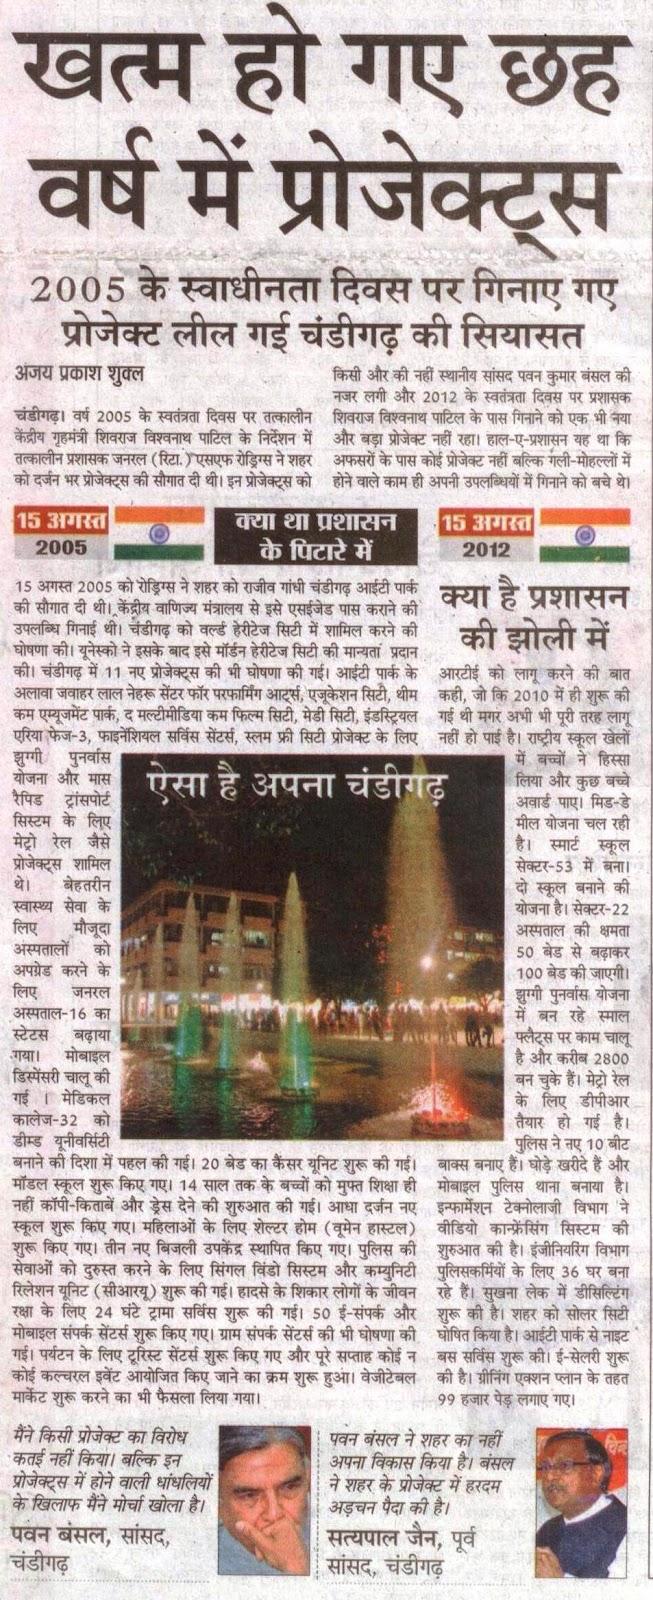 पवन बंसल ने शहर का नहीं अपना विकास किया है। बंसल ने शहर के प्रोजेक्ट में हरदम अड़चन पैदा की है - सत्य पाल जैन, पूर्व सांसद, चंडीगढ़।